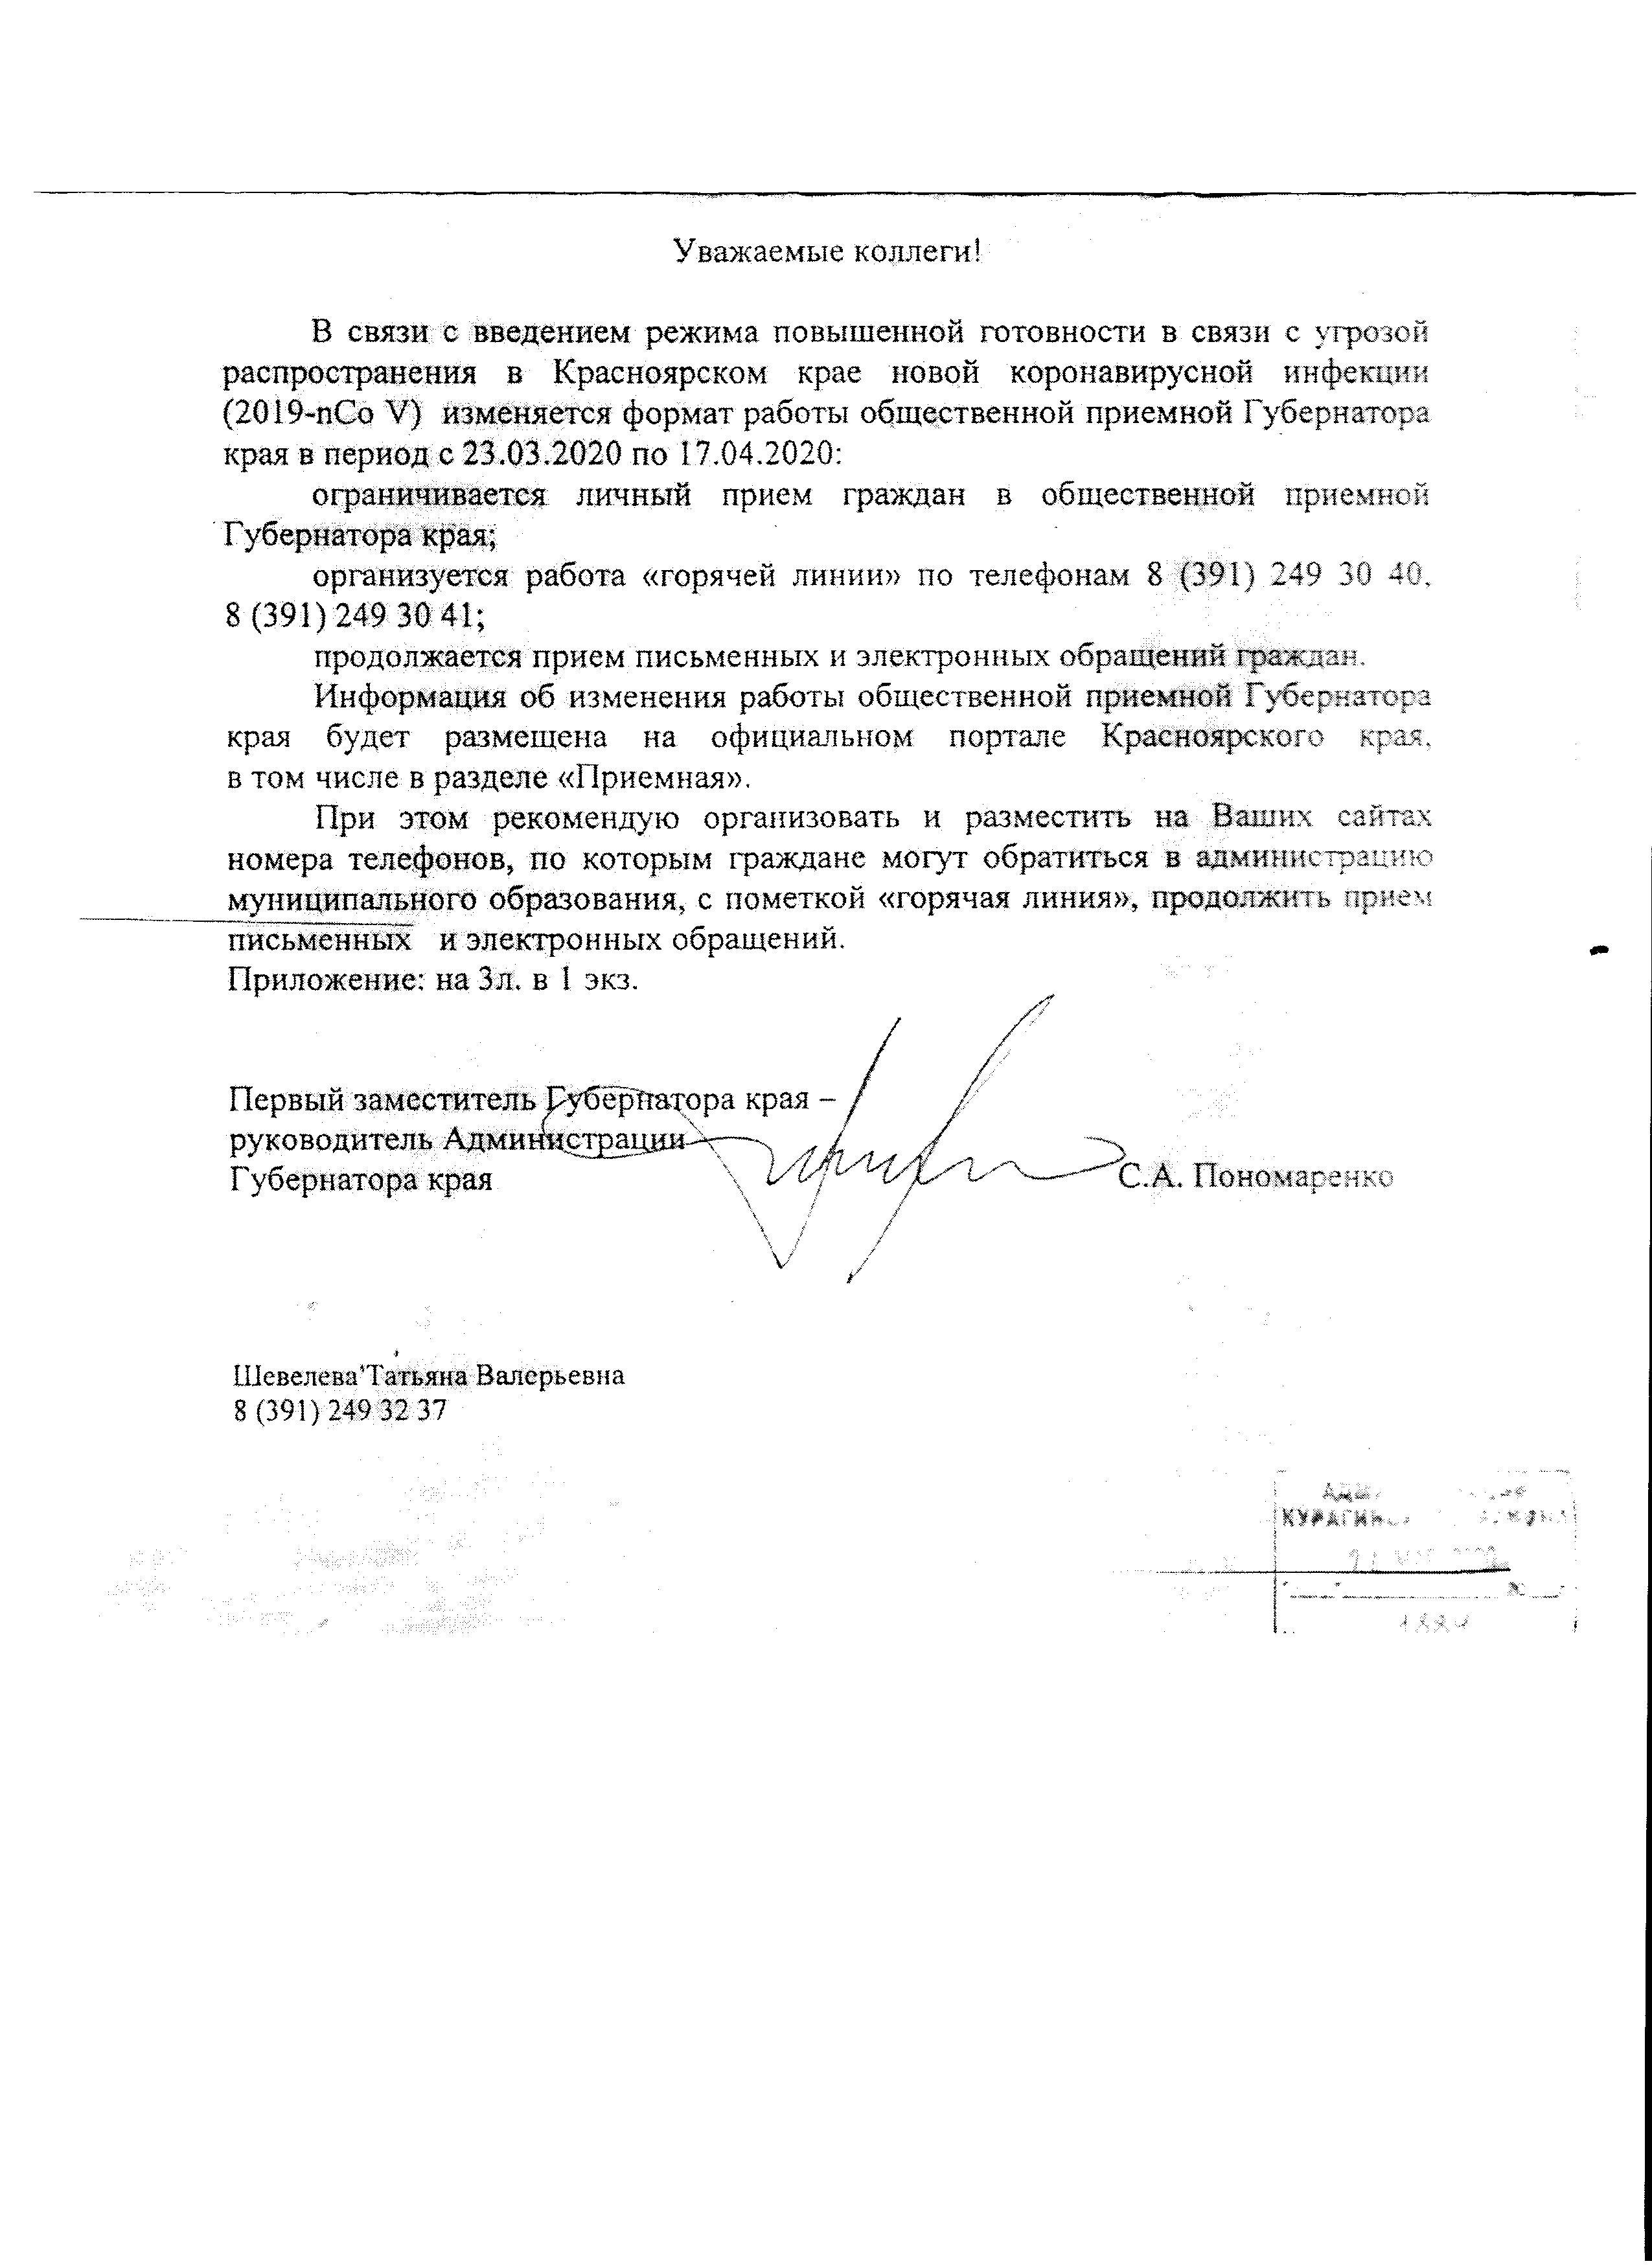 Режим работы приемной ГУБЕРНАТОРА